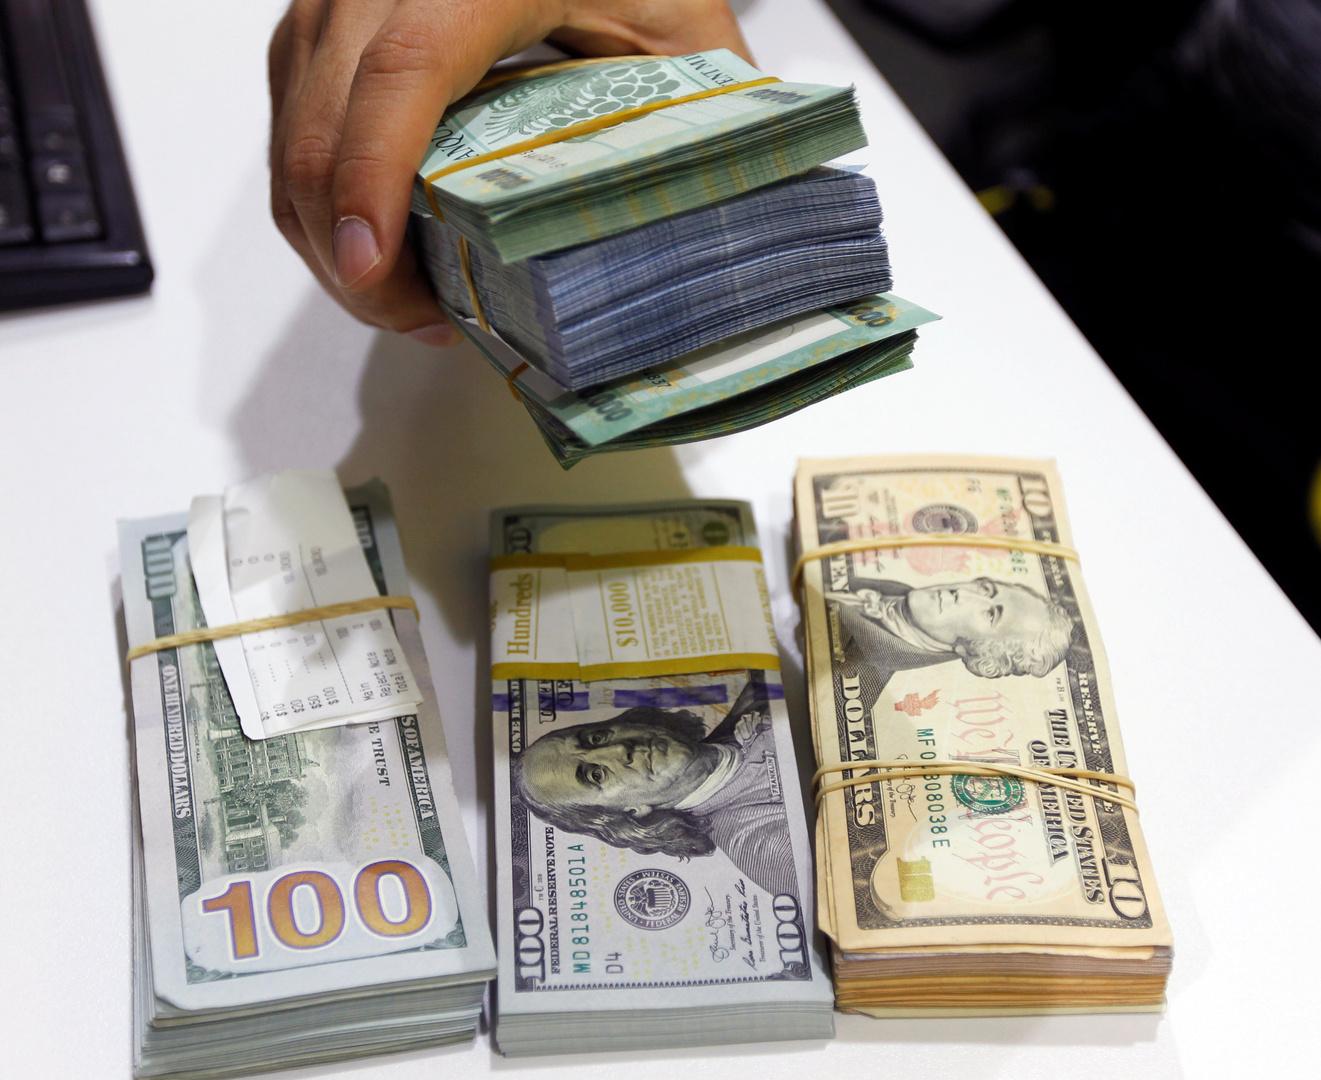 الدولار ينخفض إلى دون 77 روبلا لأول مرة منذ 13 أكتوبر